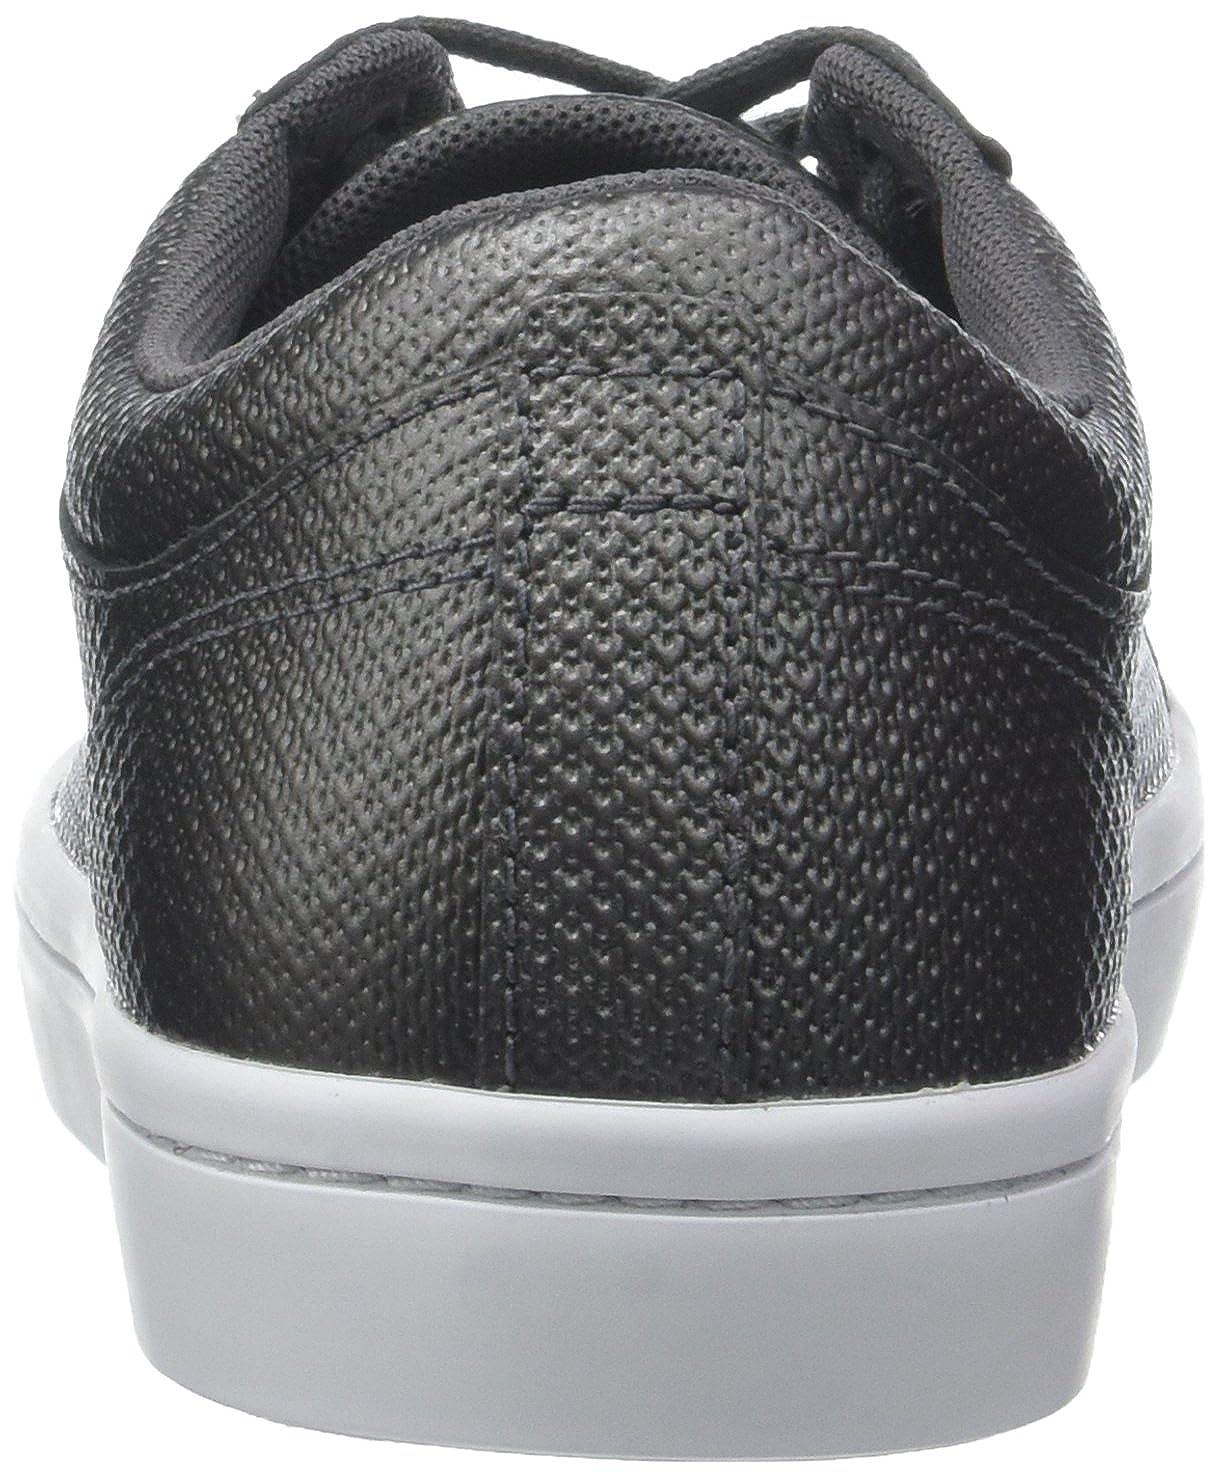 Lacoste Damen Straightset 318 2 Caw Sneaker Schwarz 312) (Blk/Wht 312) Schwarz 597546